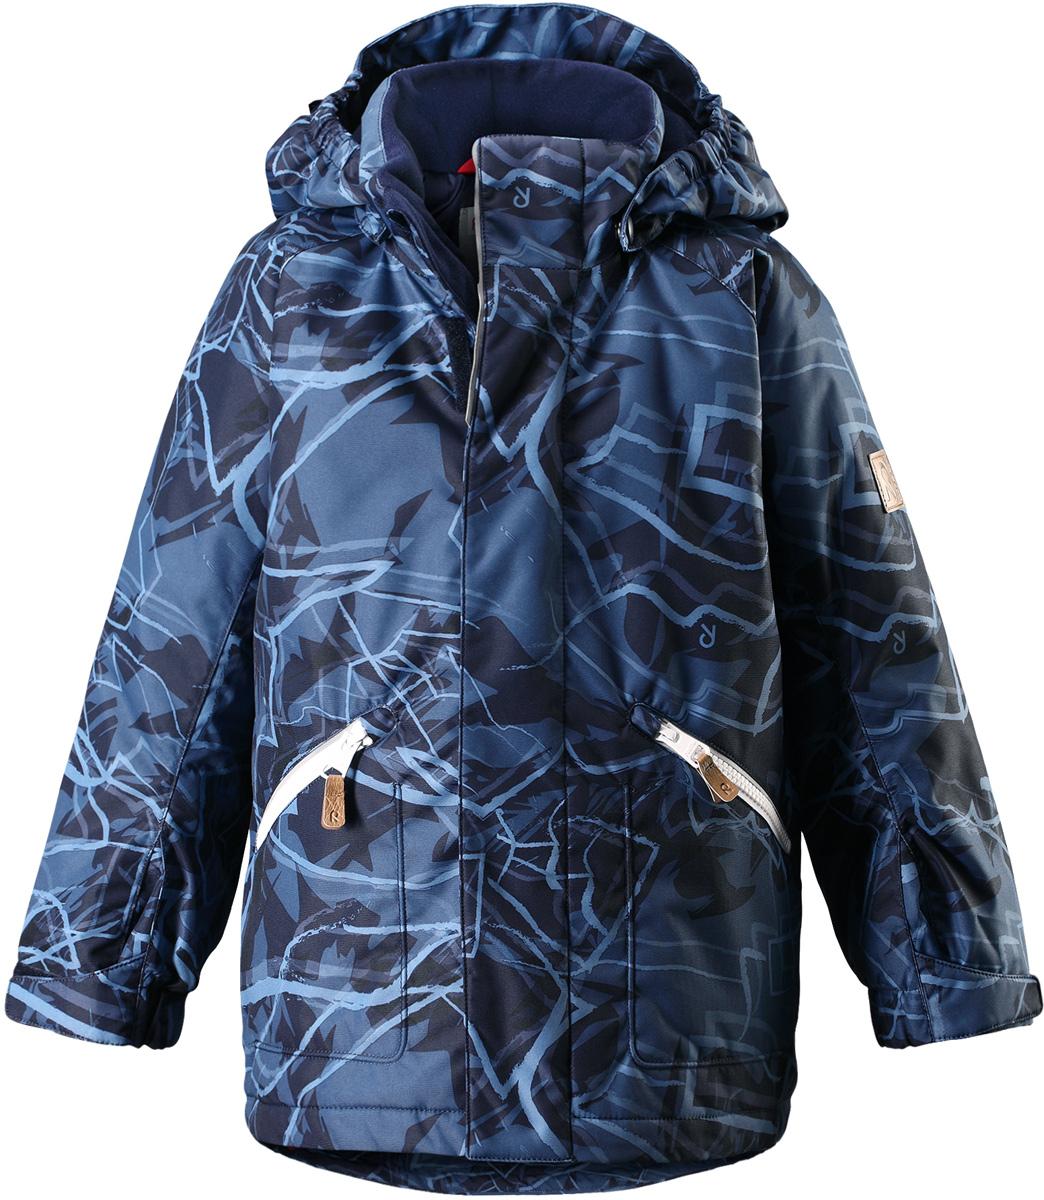 Куртка детская Reima Reimatec Nappaa, цвет: синий. 5215136988. Размер 1105215136988Детская зимняя куртка Reimatec изготовлена из износостойкого, водо- и ветронепроницаемого, дышащего материала с водо- и грязеотталкивающей поверхностью. Основные швы в куртке проклеены и водонепроницаемы, поэтому неожиданный снегопад или дождь не помешает веселым играм на свежем воздухе! Эта куртка с подкладкой из гладкого полиэстера легко надевается, и ее очень удобно носить. Благодаря регулируемой талии и подолу, эта куртка прямого кроя отлично сидит по фигуре. Капюшон снабжен кнопками. Это обеспечивает дополнительную безопасность во время активных прогулок – капюшон легко отстегивается, если случайно за что-нибудь зацепится. Регулируемые манжеты, два передних кармана на молнии и светоотражающие детали.Средняя степень утепления.